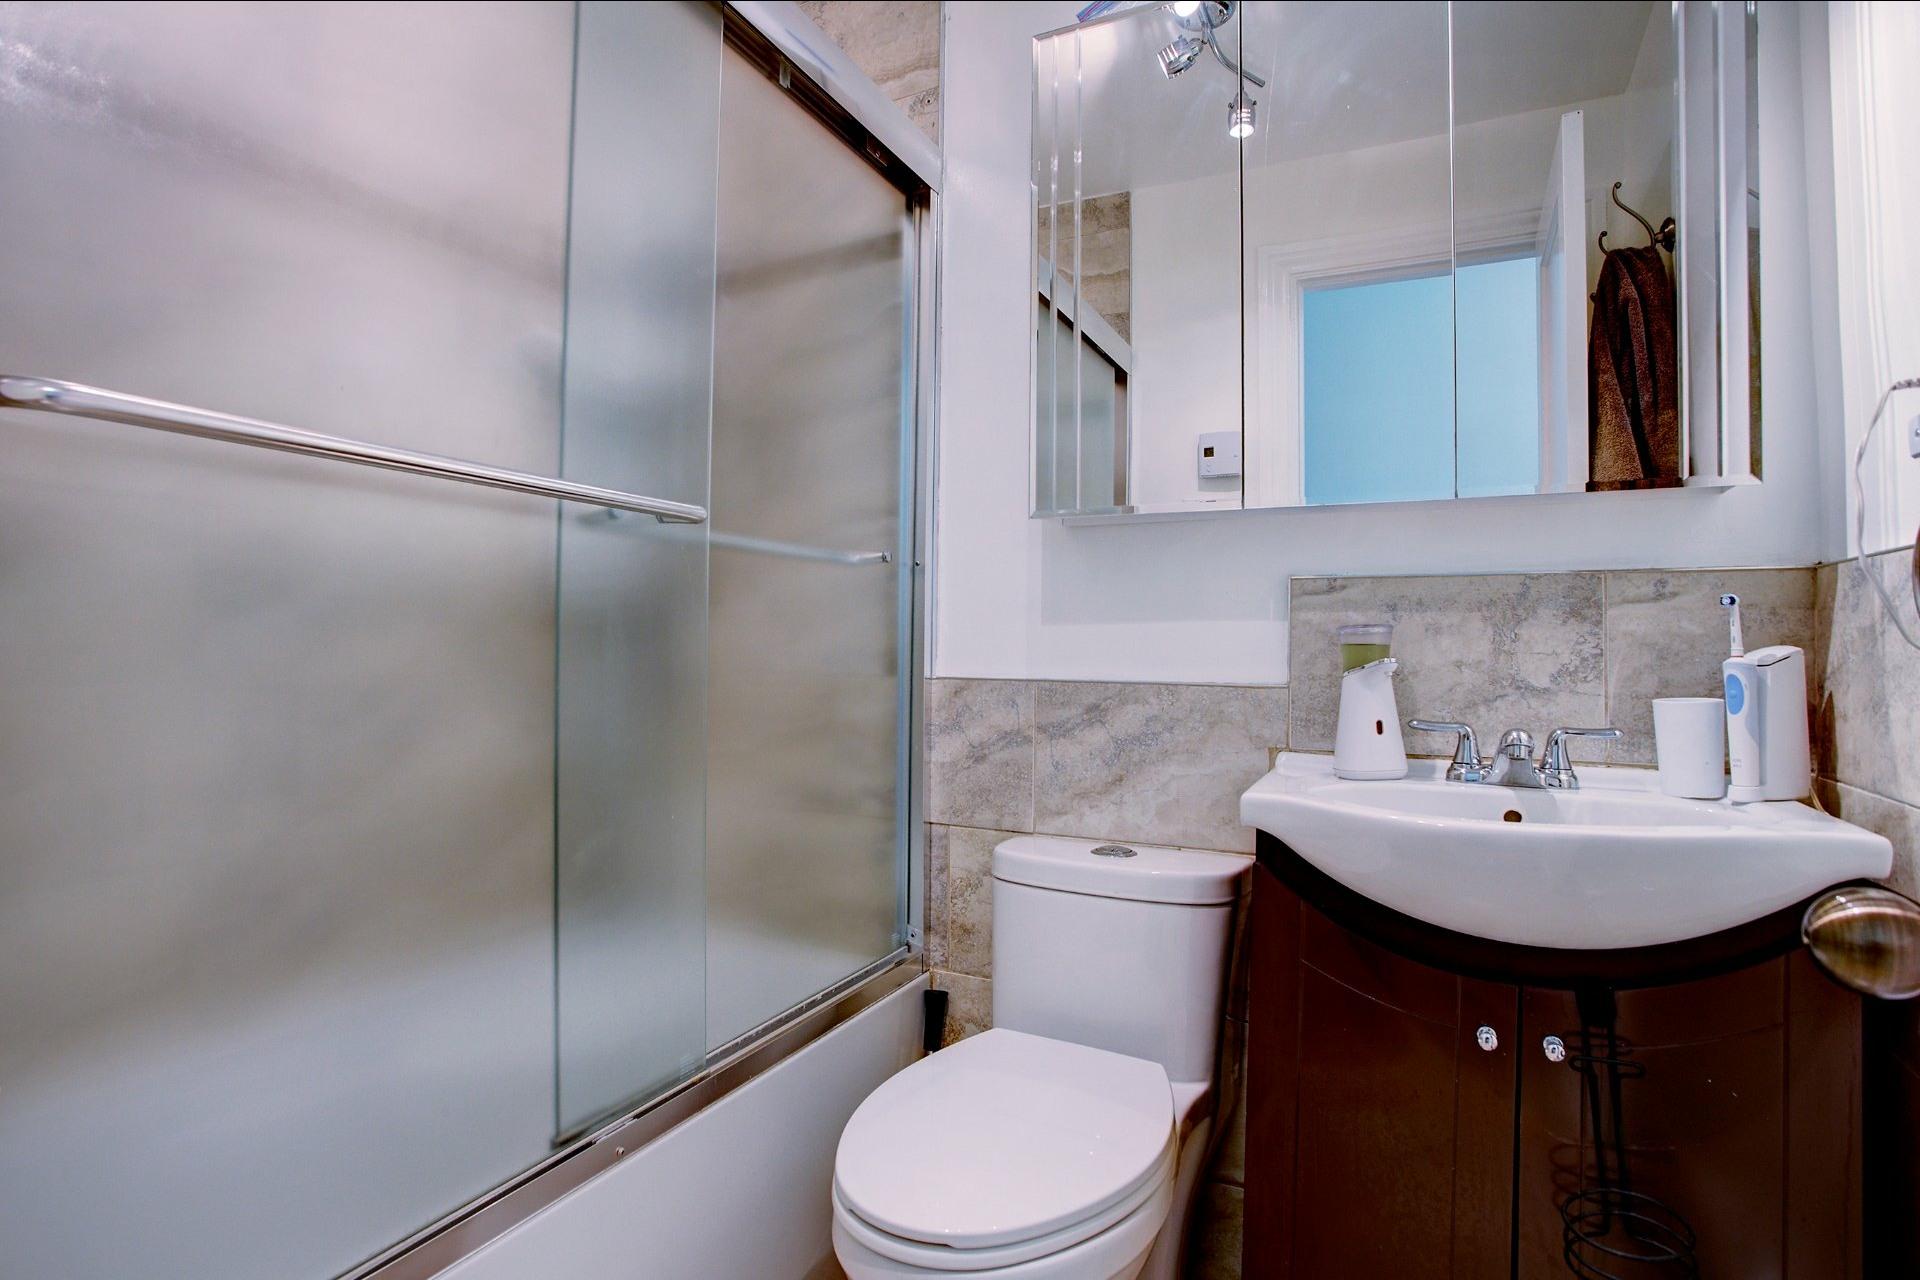 image 11 - Income property For sale Le Sud-Ouest Montréal  - 4 rooms